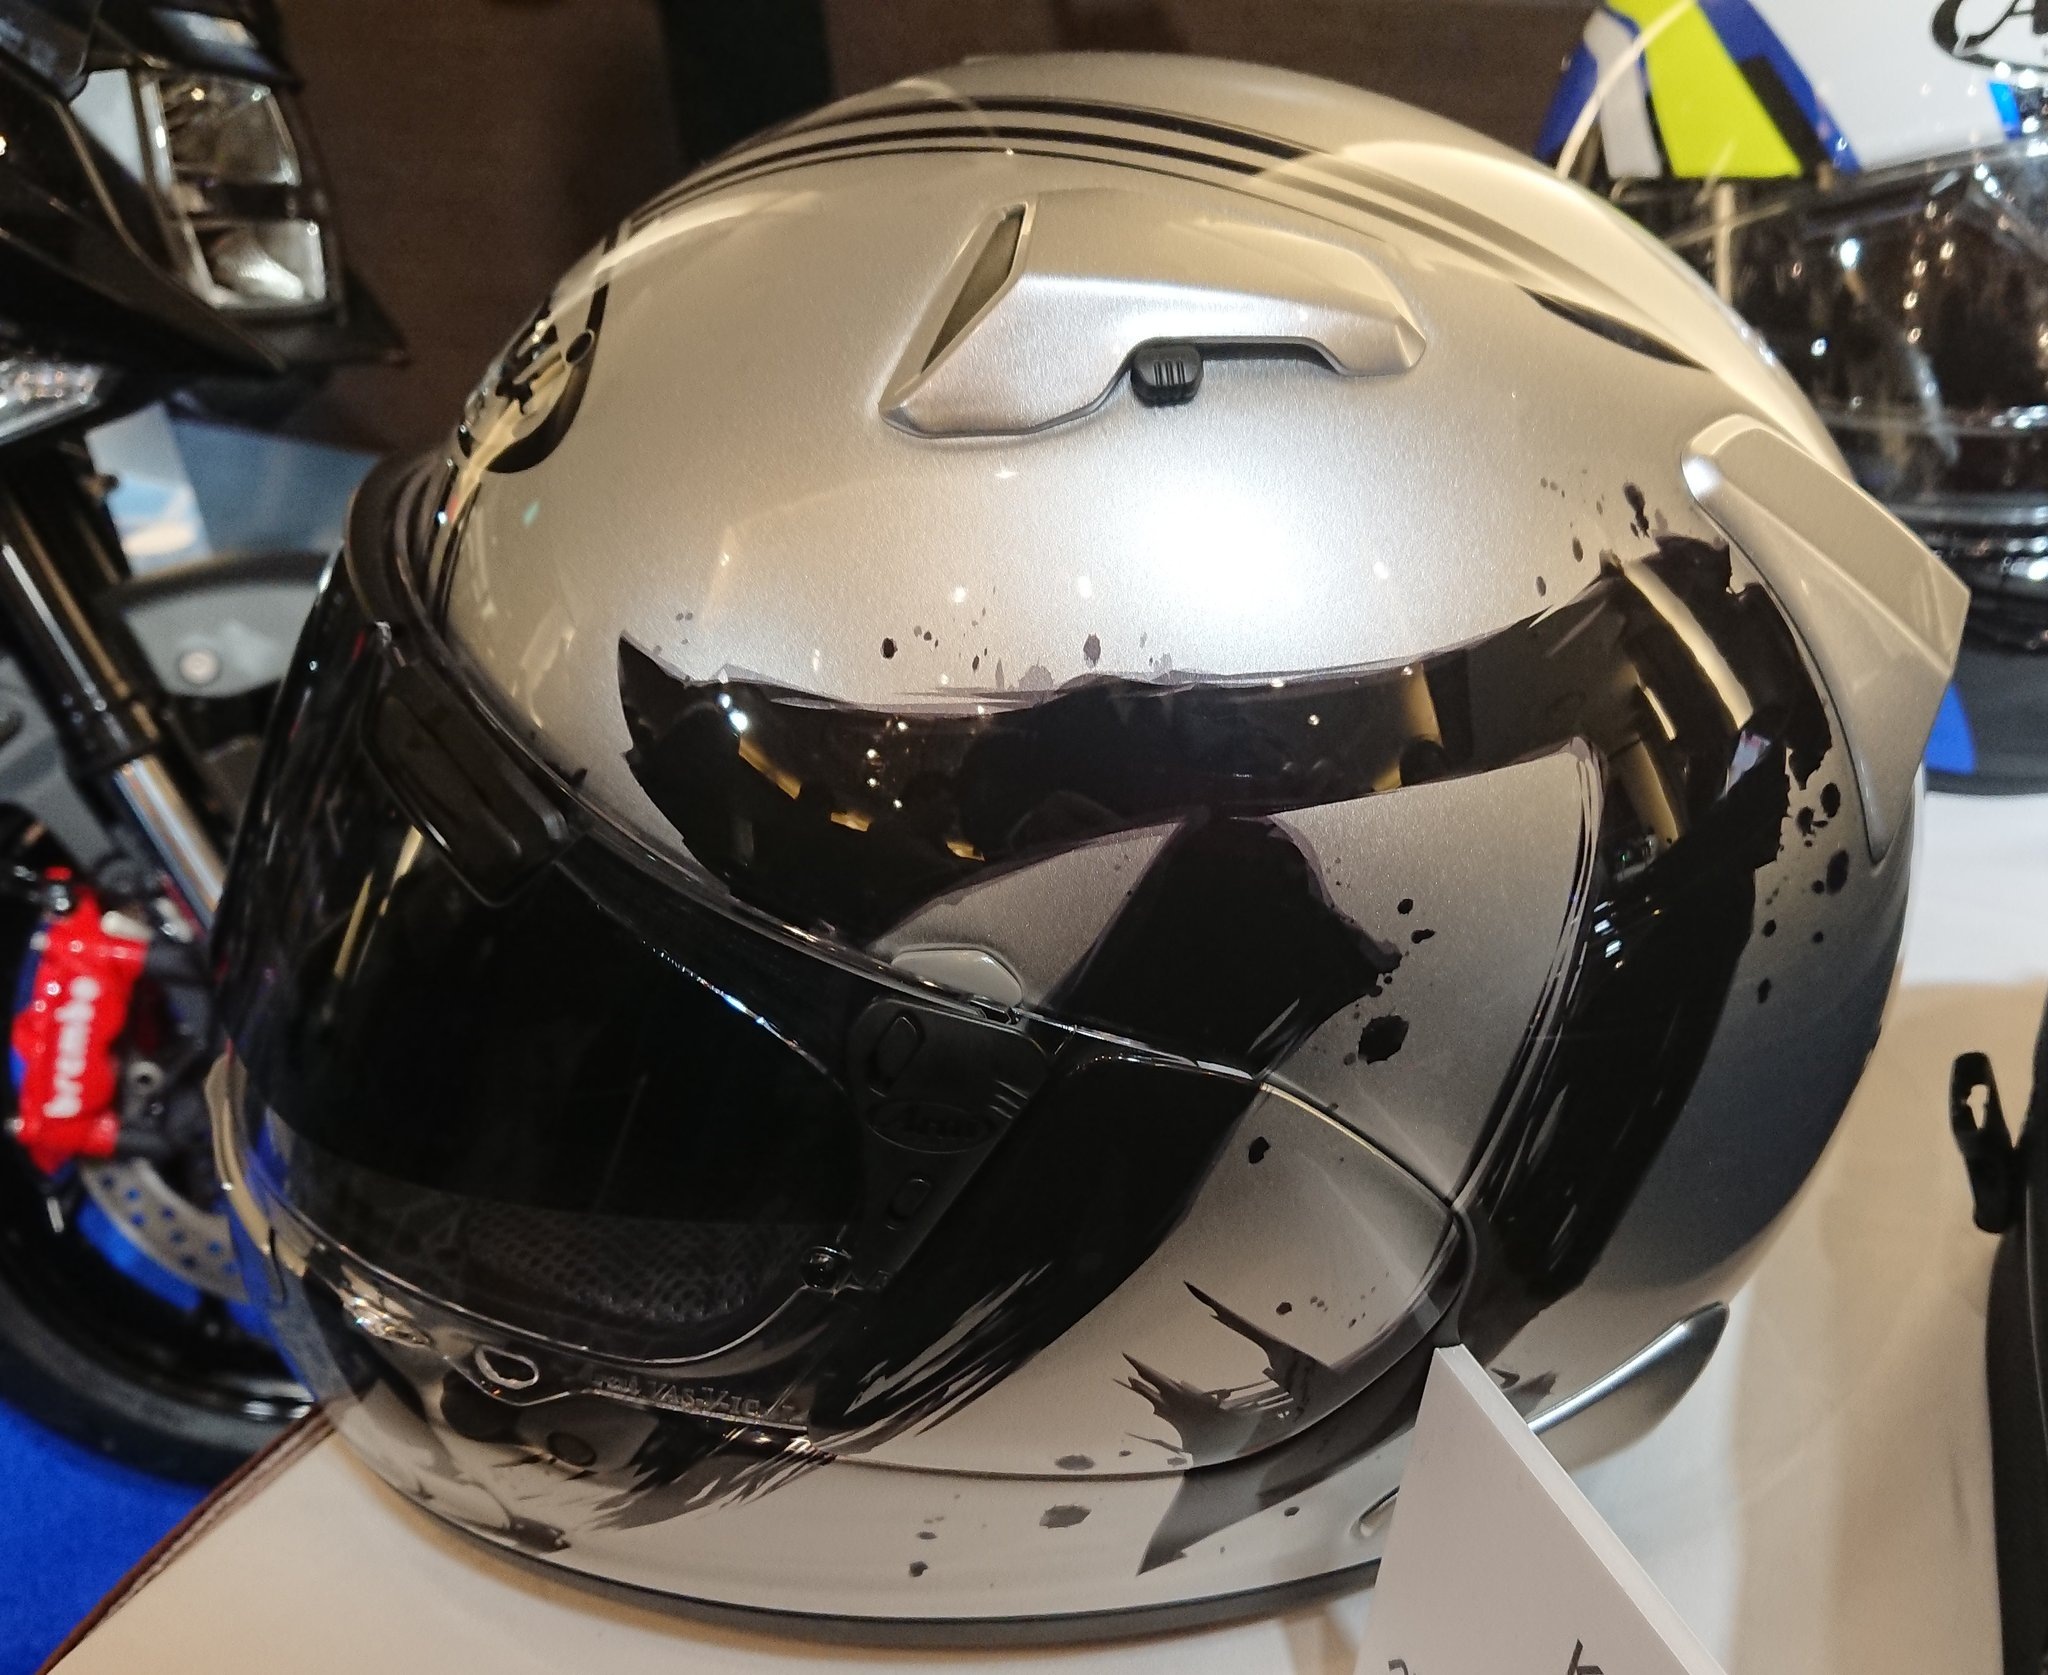 スズキSUZUKI 新型KATANA! Arai カタナヘルメットも同時発売!